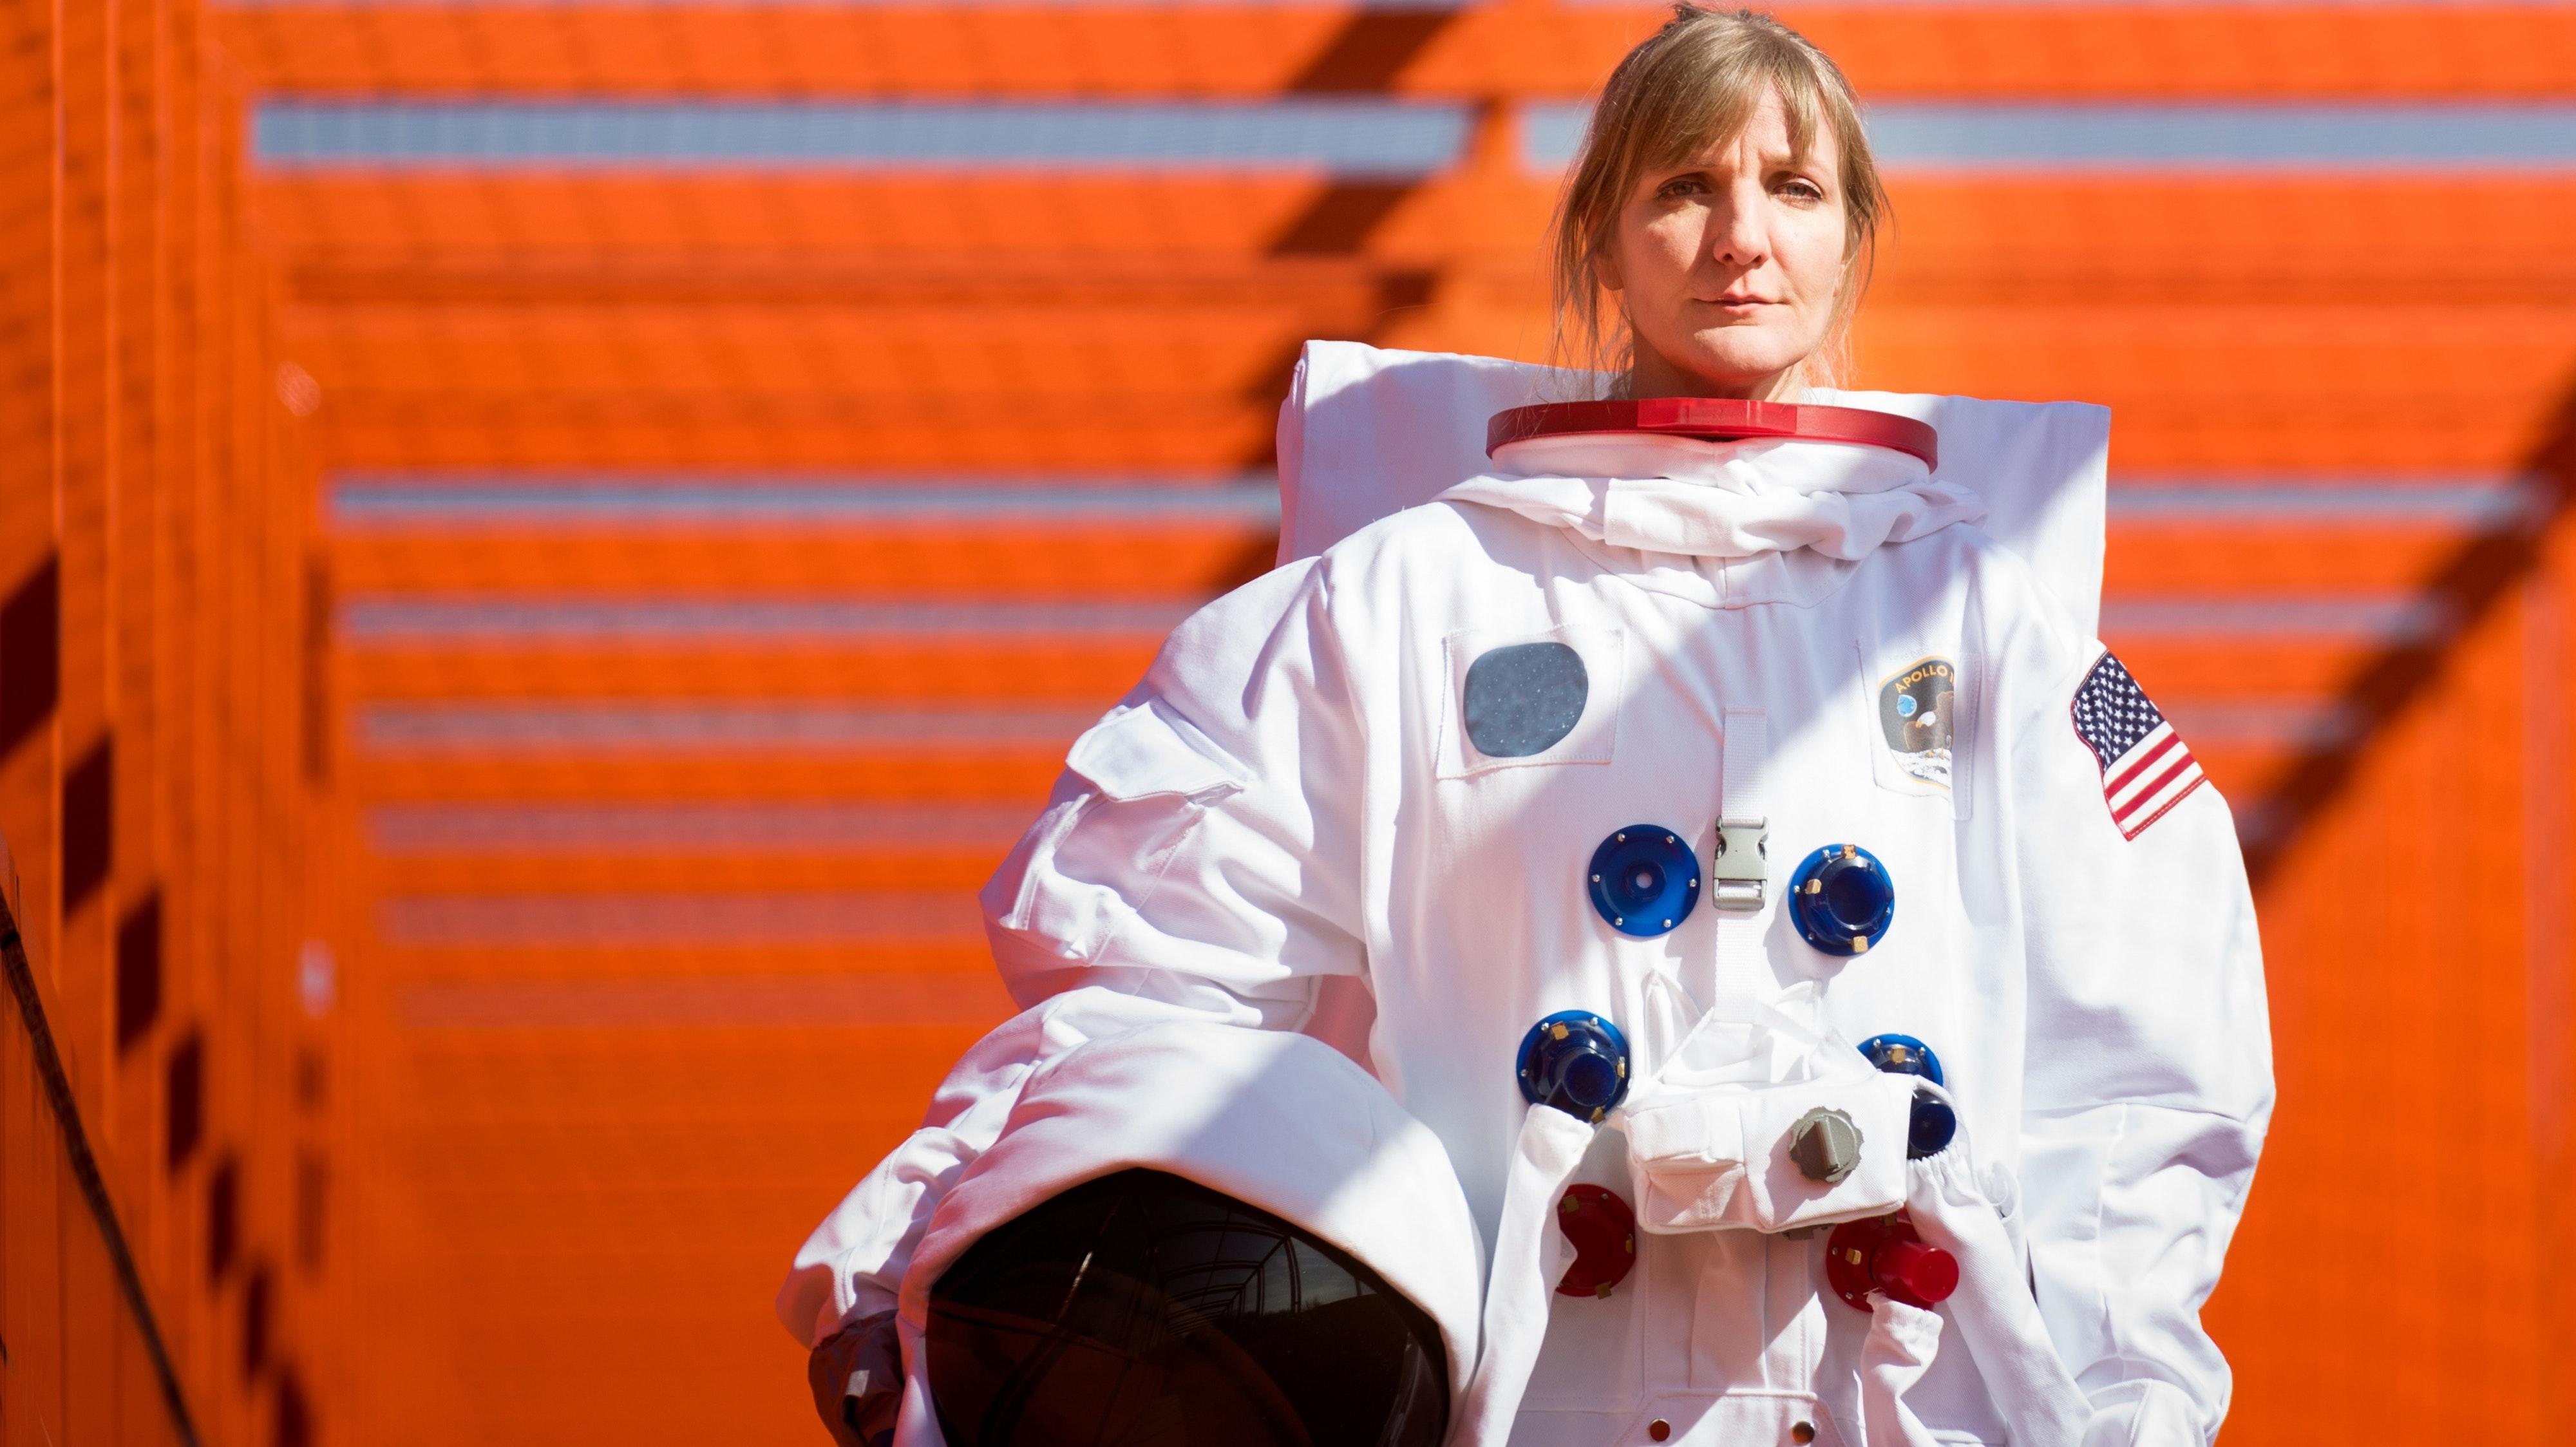 """""""Liebling der Schwerkraft"""": Für ihr aktuelles Programm ließ sich Katinka Buddenkotte als Astronautin ablichten. Copyright: palmpictures"""